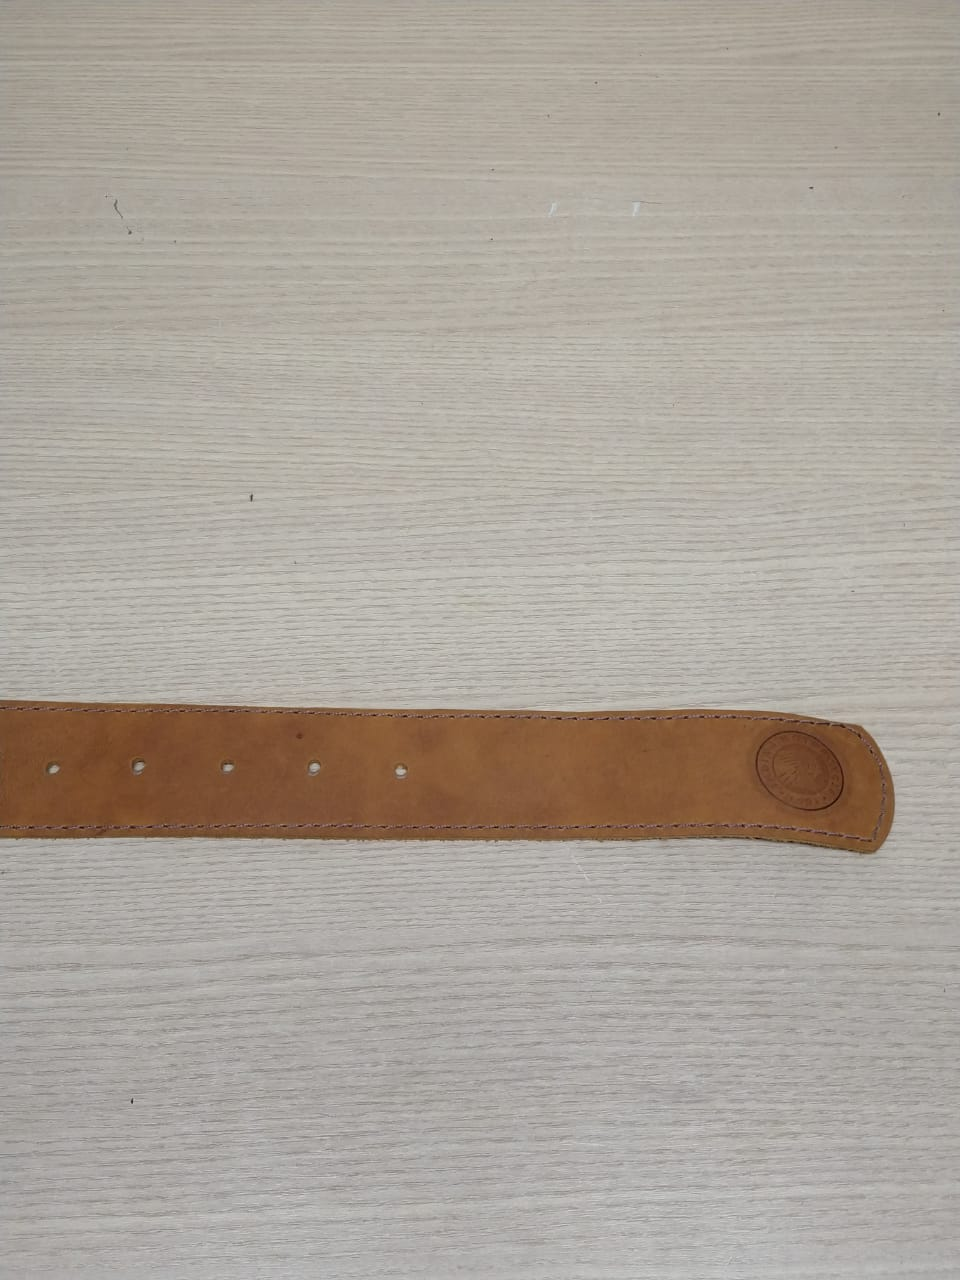 Cinto de Couro - Motivo Indian - Caramelo - Mod 01 - 035/64105